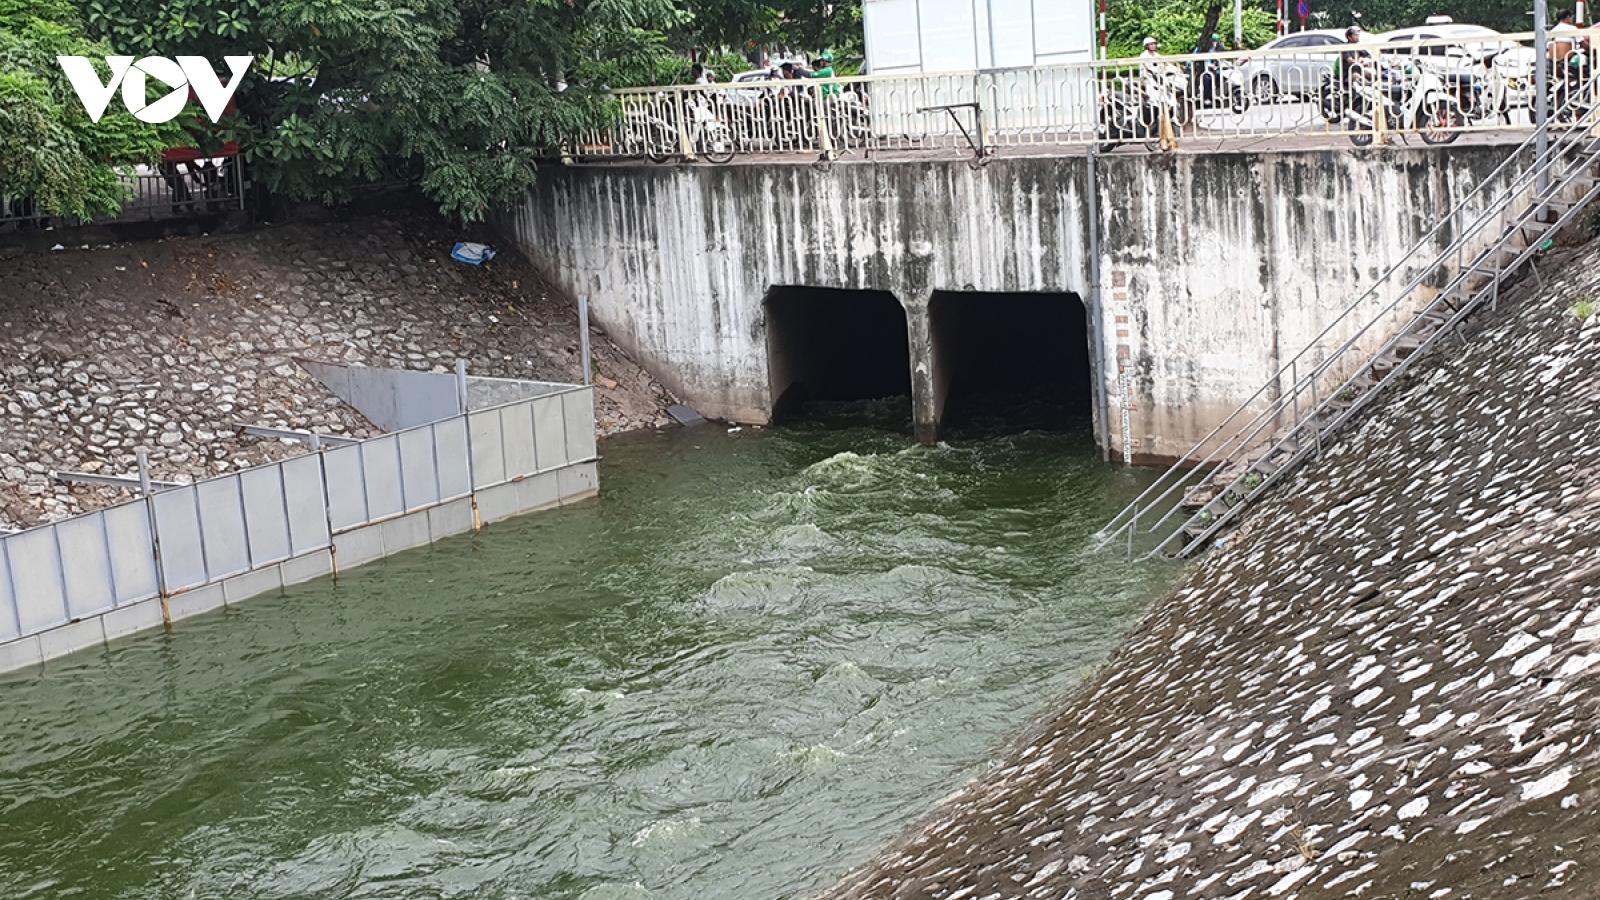 Hà Nội đề xuất phương án dẫn nước sông Hồng vàosông Tô Lịch qua cống Liên Mạc